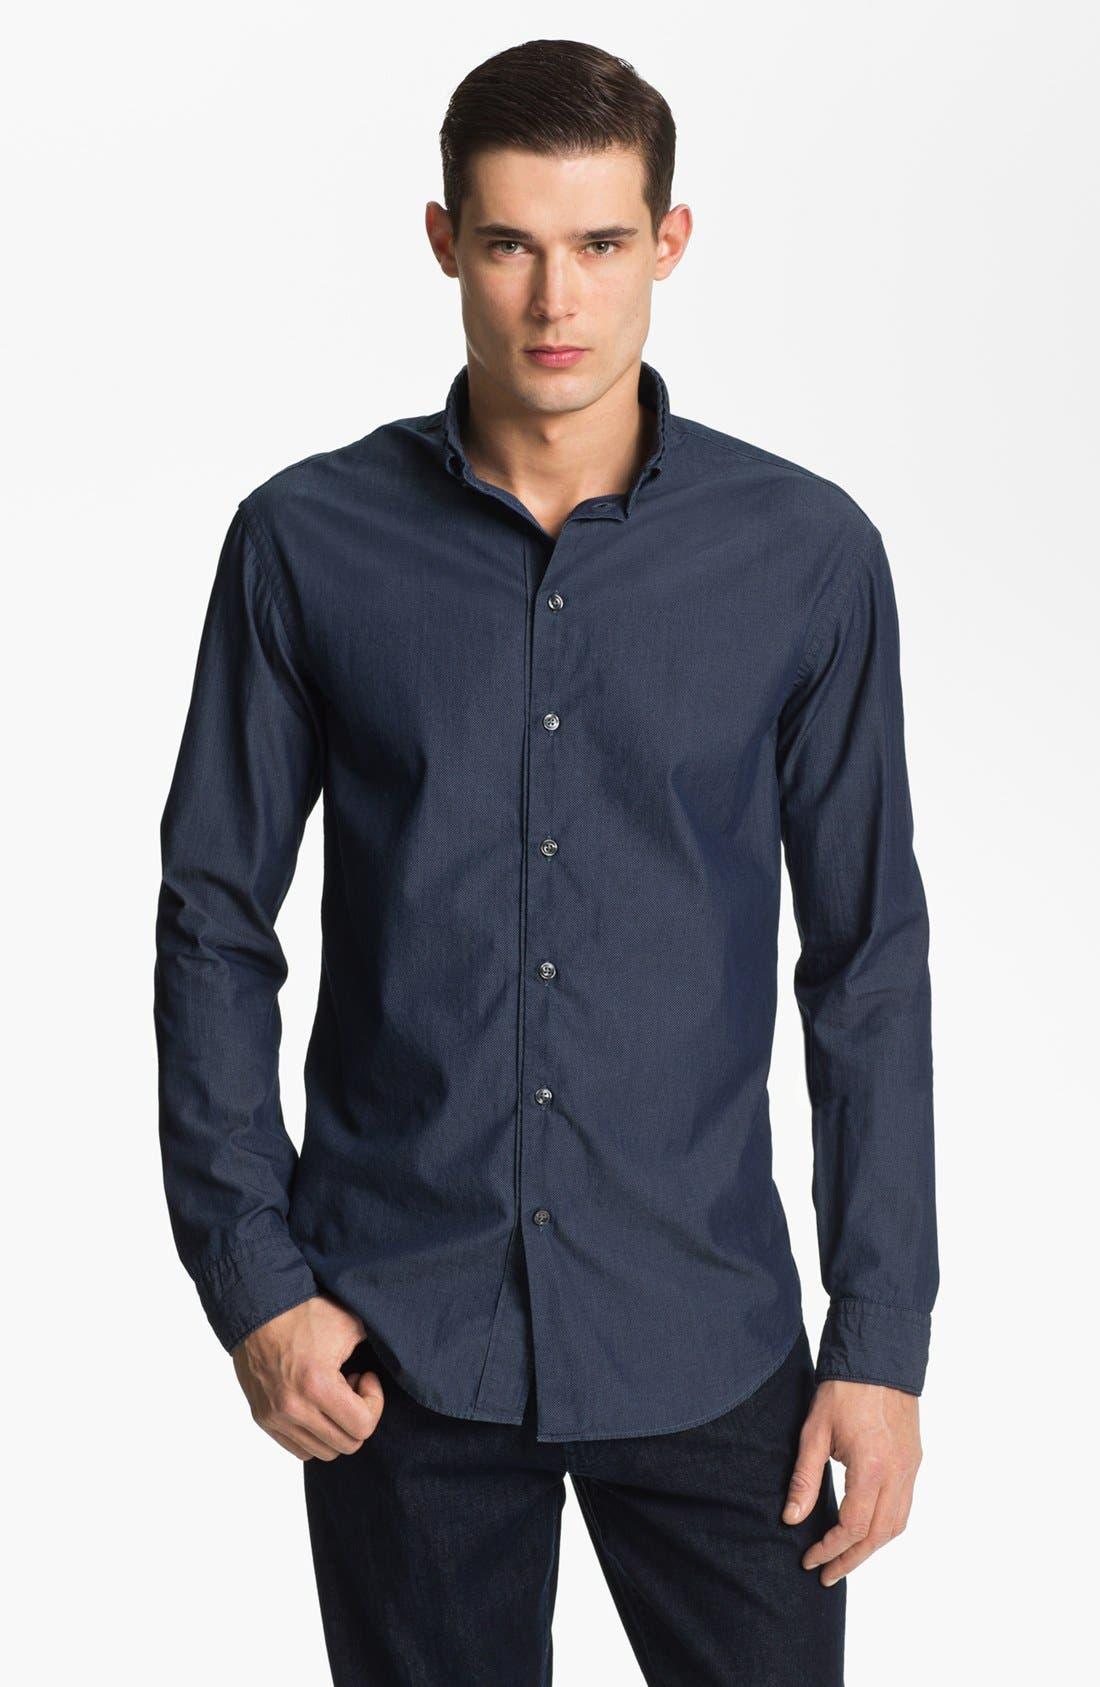 Alternate Image 1 Selected - Armani Collezioni Micro Check Cotton Sport Shirt